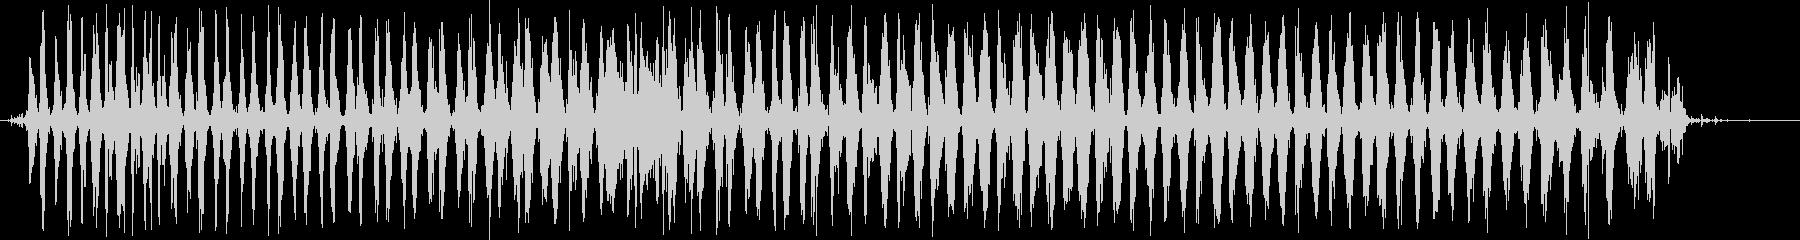 シェーカー:2つのシェーカーファー...の未再生の波形